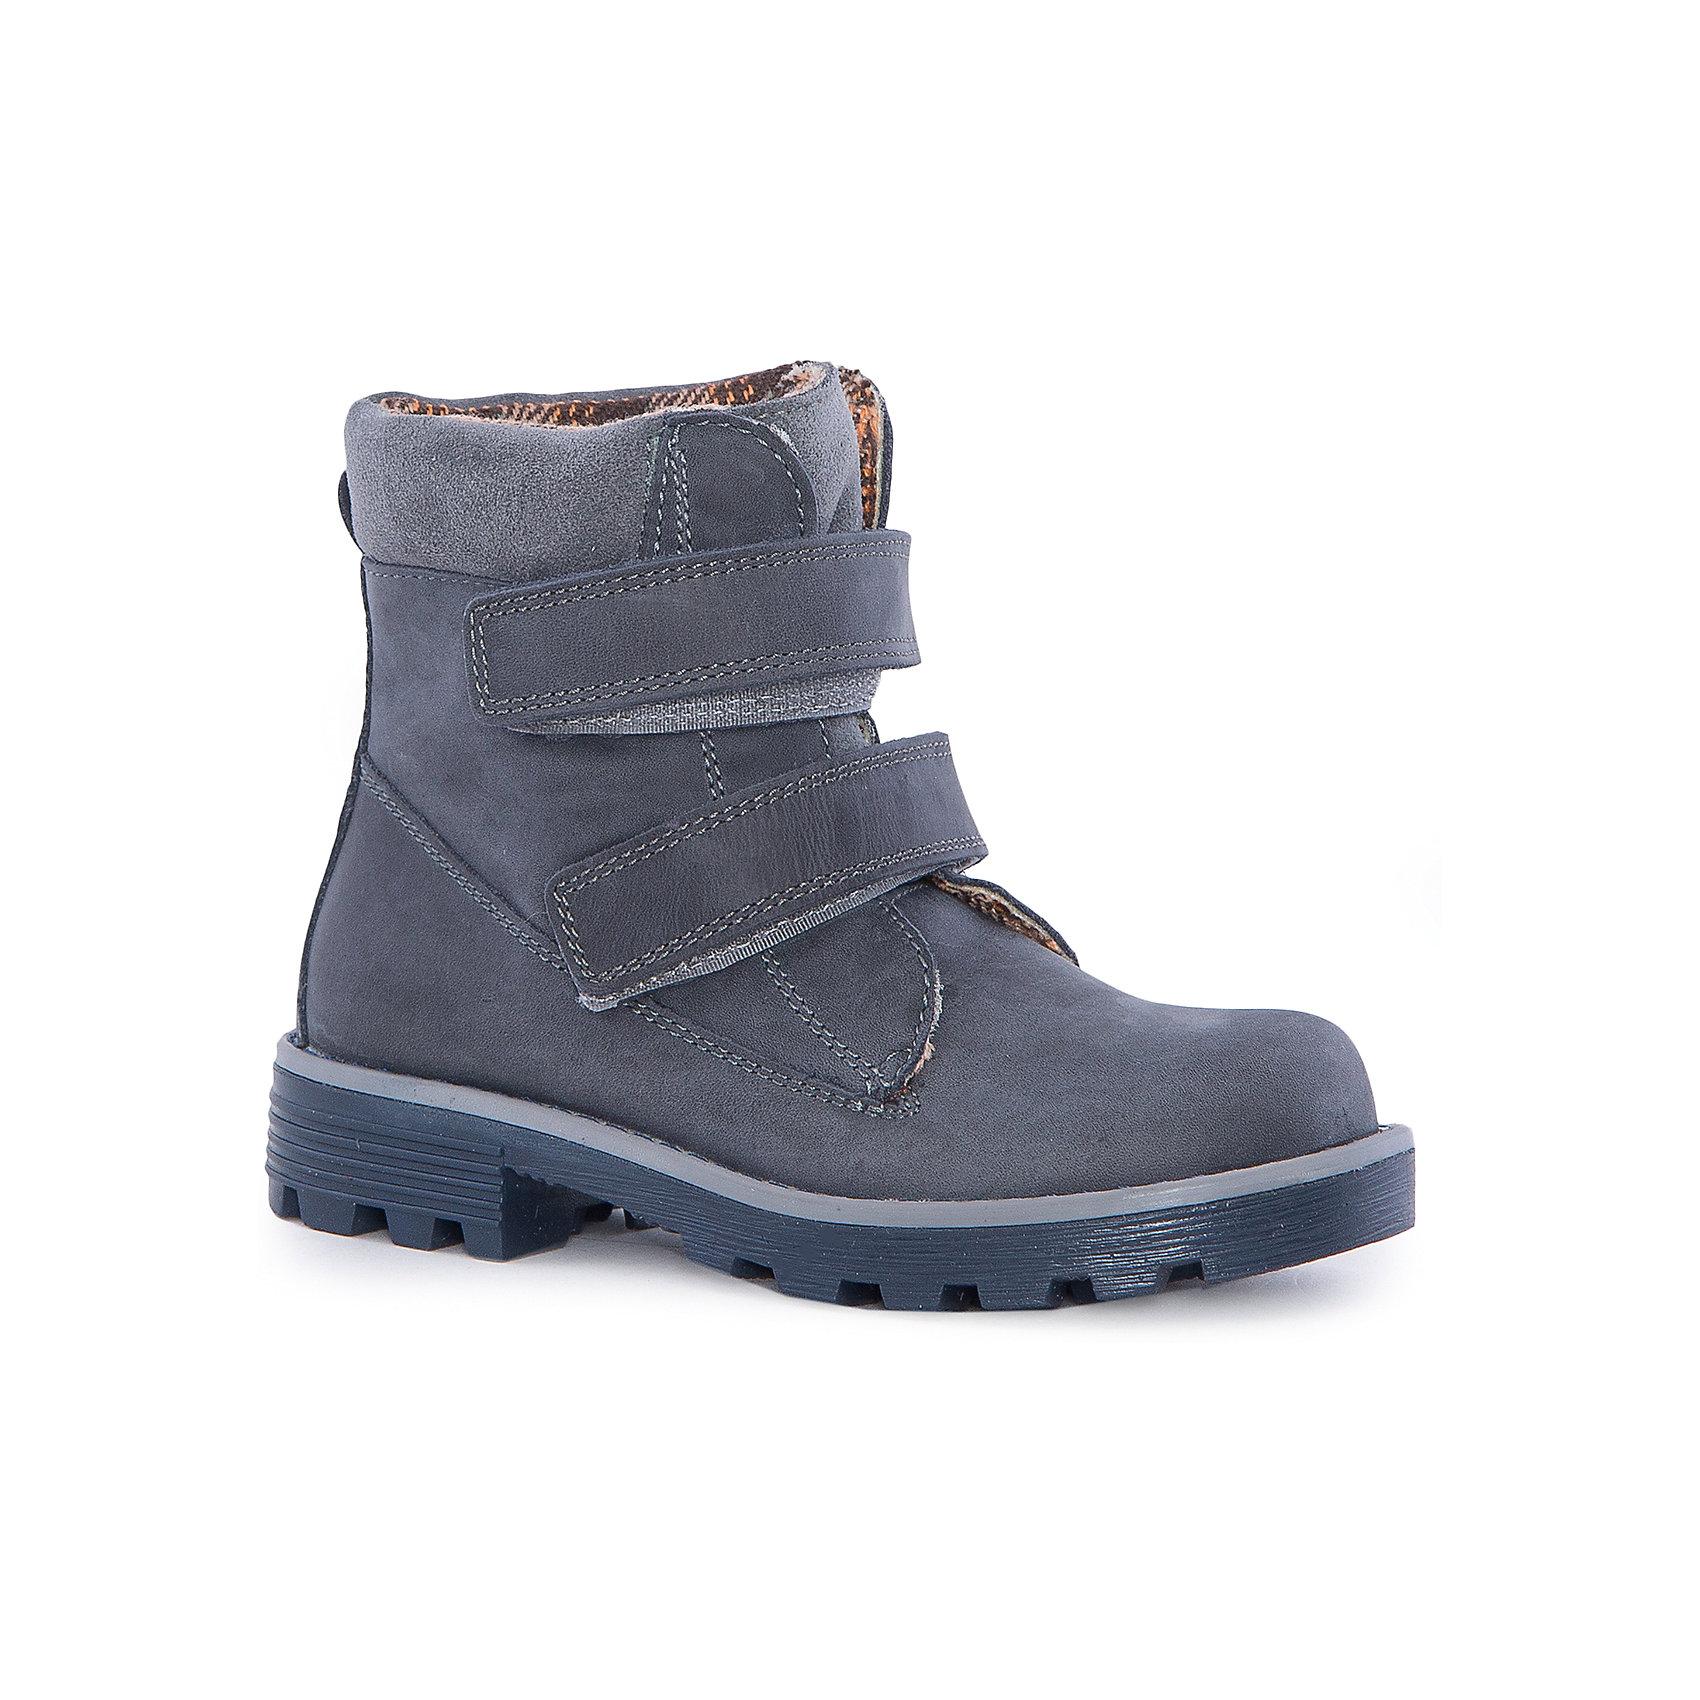 Ботинки для мальчика КотофейБотинки<br>Ботинки для мальчика Котофей.<br><br>Характеристики:<br><br>- Внешний материал: натуральная кожа<br>- Внутренний материал: байка<br>- Стелька: байка<br>- Подошва: ТЭП<br>- Тип застежки: липучки<br>- Вид крепления обуви: клеевой<br>- Температурный режим до -10С<br>- Цвет: синий<br>- Сезон: весна, осень<br>- Пол: для мальчиков<br><br>Стильные ботинки для мальчика торговой марки Котофей - идеальная обувь для межсезонья. Верх – дышащая натуральная кожа (натуральный бук) с гидрофобной пропиткой. Подкладка – утеплённая, из полушерстяной байки. Мягкий манжет из велюра создаёт комфорт при ходьбе и предотвращает натирание ножки ребенка. Подошва с каблучком выполнена из термоэластопласта – легкого, прочного материала, обладающего отличным амортизирующим эффектом и не теряющего своих свойств при понижении температур. Удобные застежки липучки надежно фиксируют обувь на стопе и позволяют обувать и снимать её легко и быстро. Дизайн ботинок соответствует последним европейским тенденциям и придаёт этой модели эффектный внешний вид. Детская обувь «Котофей» качественна, красива, добротна, комфортна и долговечна. Она производится на Егорьевской обувной фабрике. Жесткий контроль производства и постоянное совершенствование технологий при многолетнем опыте позволяют считать компанию одним из лидеров среди отечественных производителей детской обуви.<br><br>Ботинки для мальчика Котофей можно купить в нашем интернет-магазине.<br><br>Ширина мм: 262<br>Глубина мм: 176<br>Высота мм: 97<br>Вес г: 427<br>Цвет: синий<br>Возраст от месяцев: 84<br>Возраст до месяцев: 96<br>Пол: Мужской<br>Возраст: Детский<br>Размер: 31,33,34,35,30,32<br>SKU: 5023977